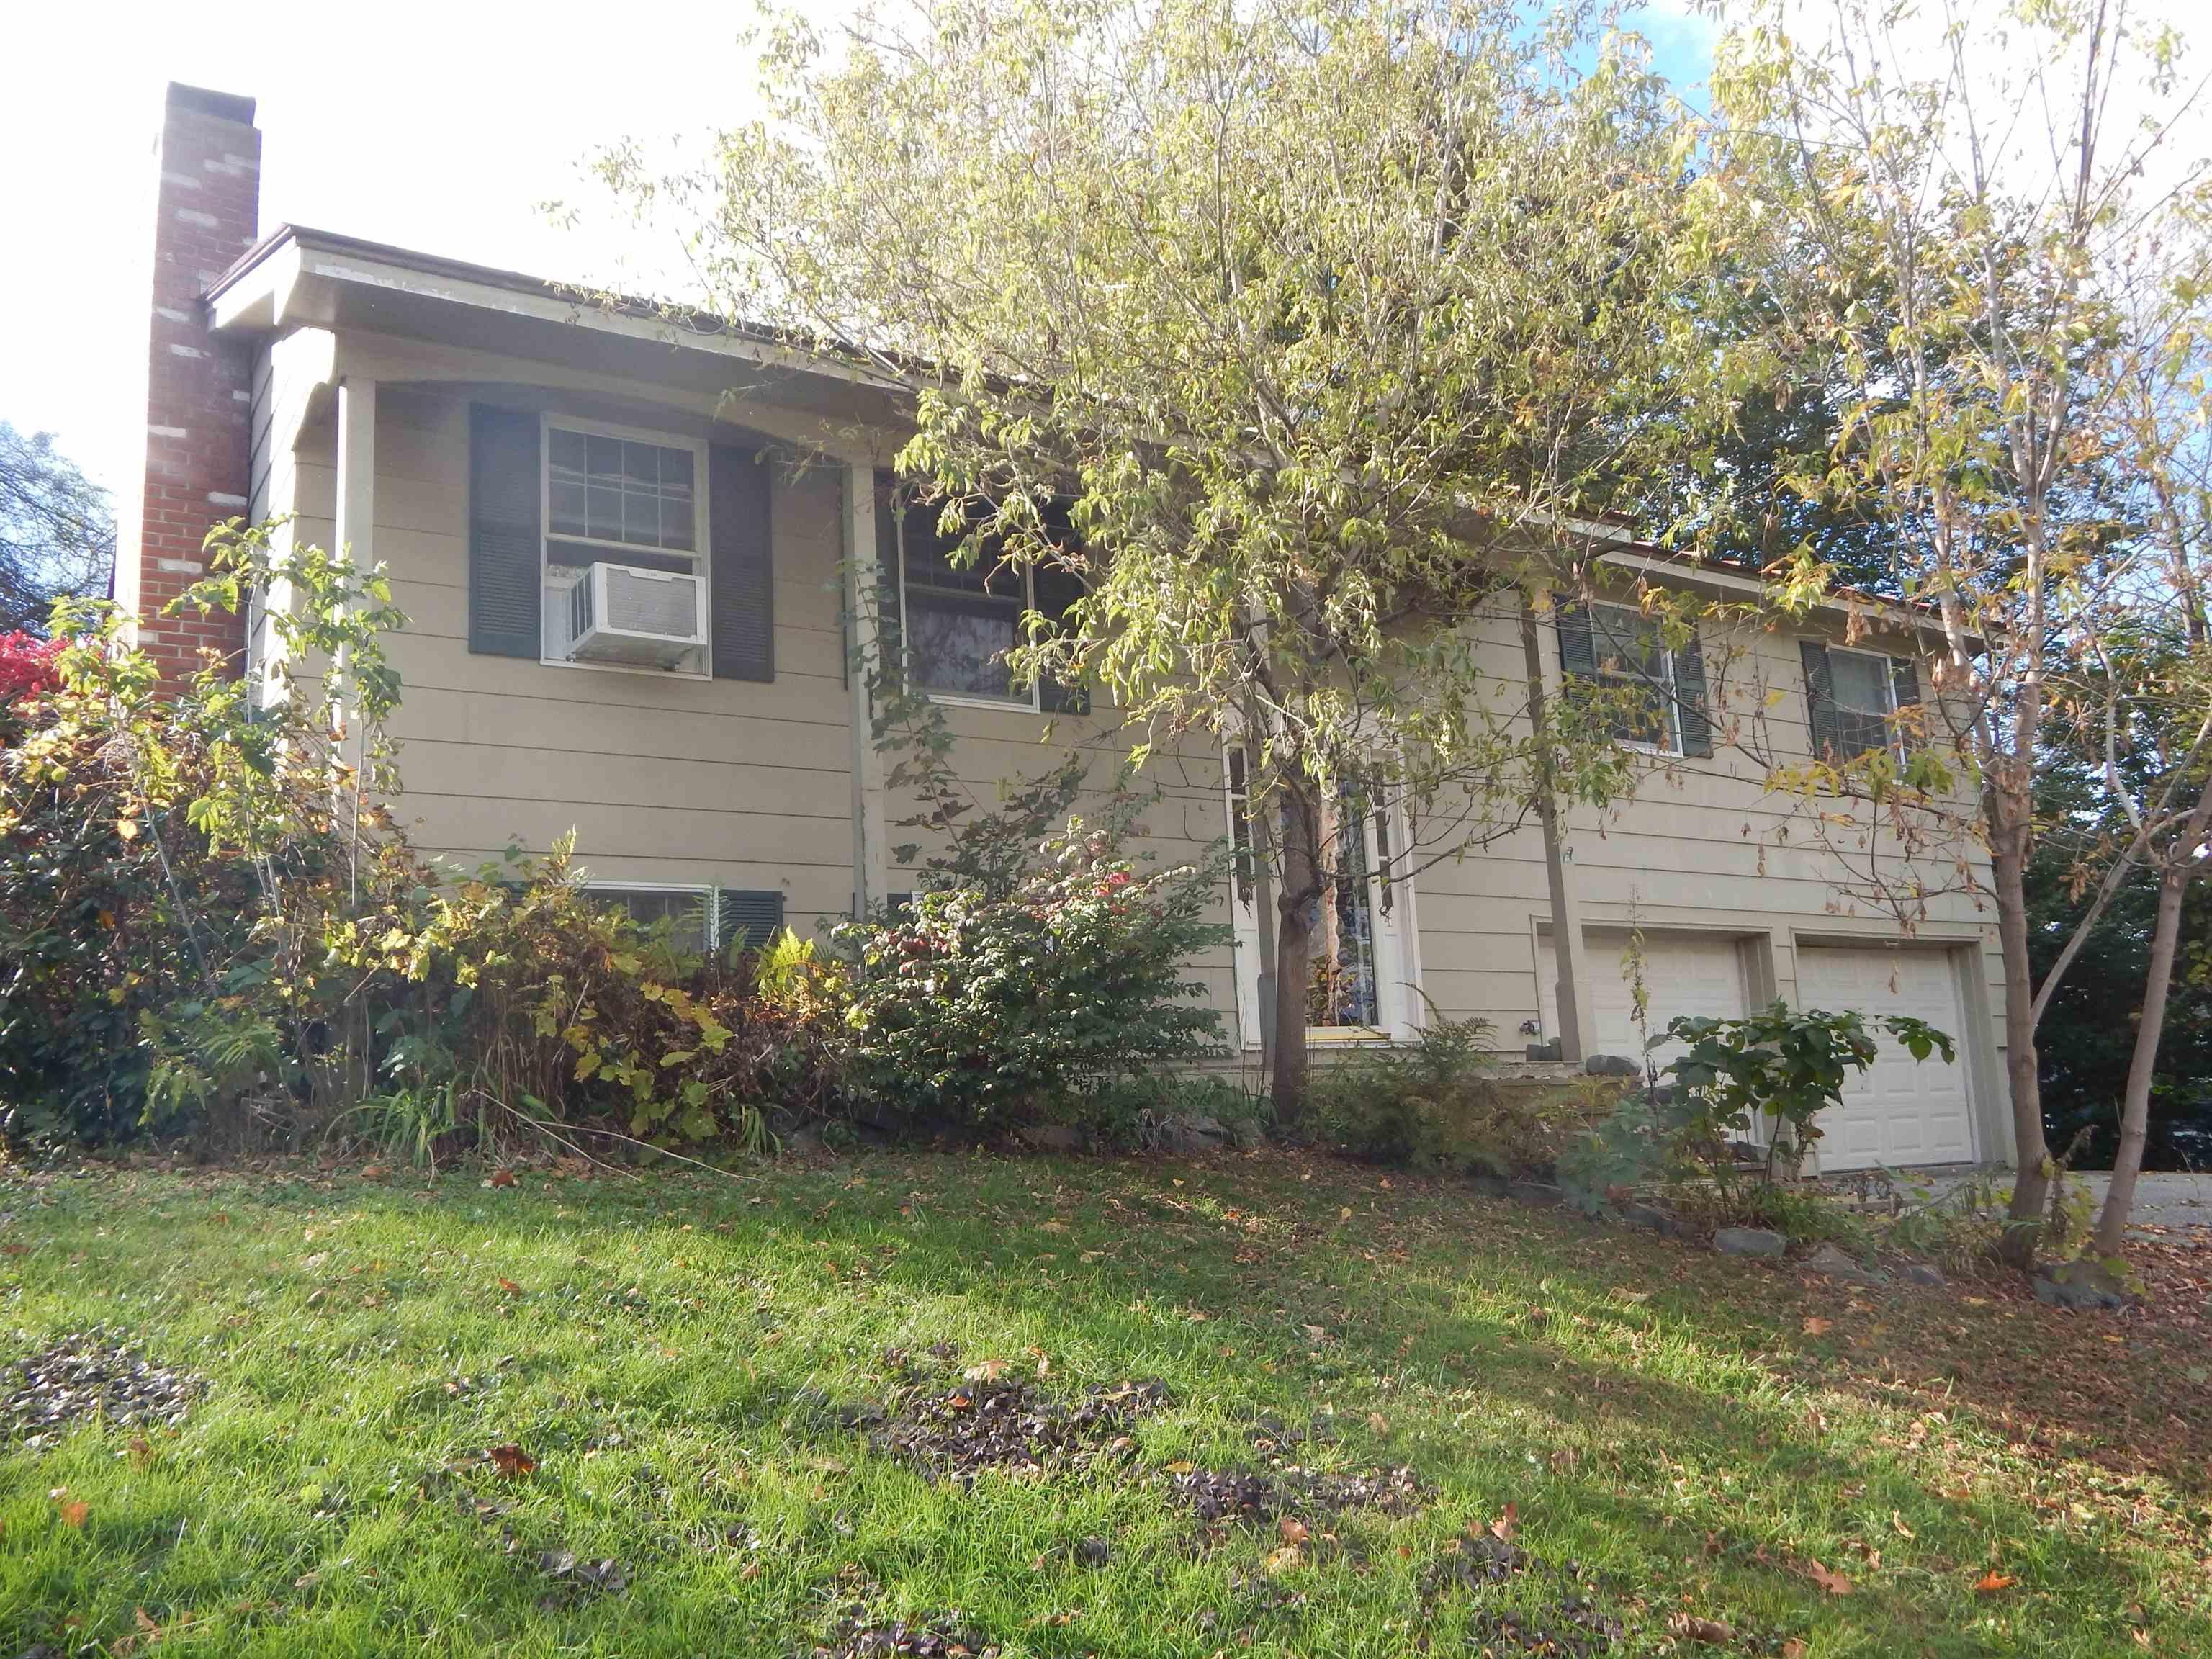 image of Windsor VT Home | sq.ft. 2072